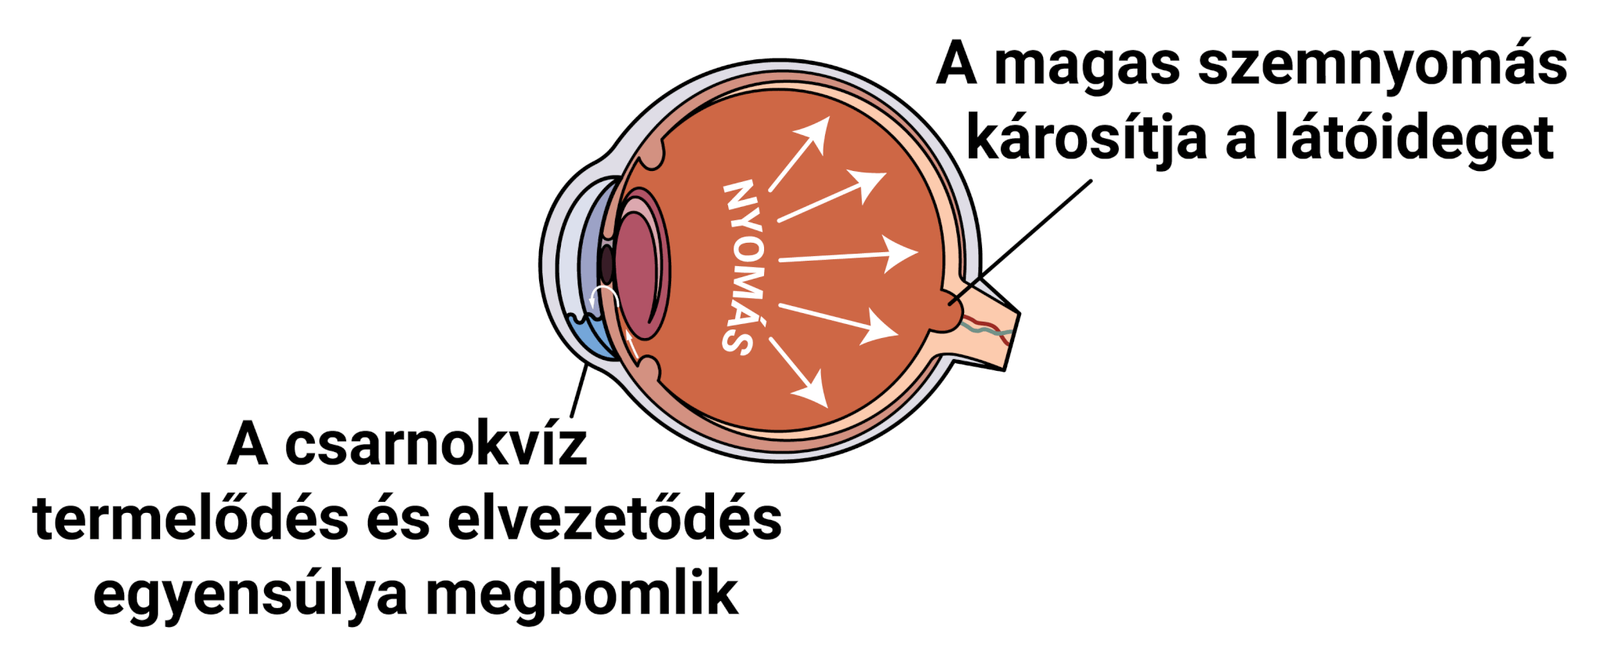 magas vérnyomás kezelése glaukómában